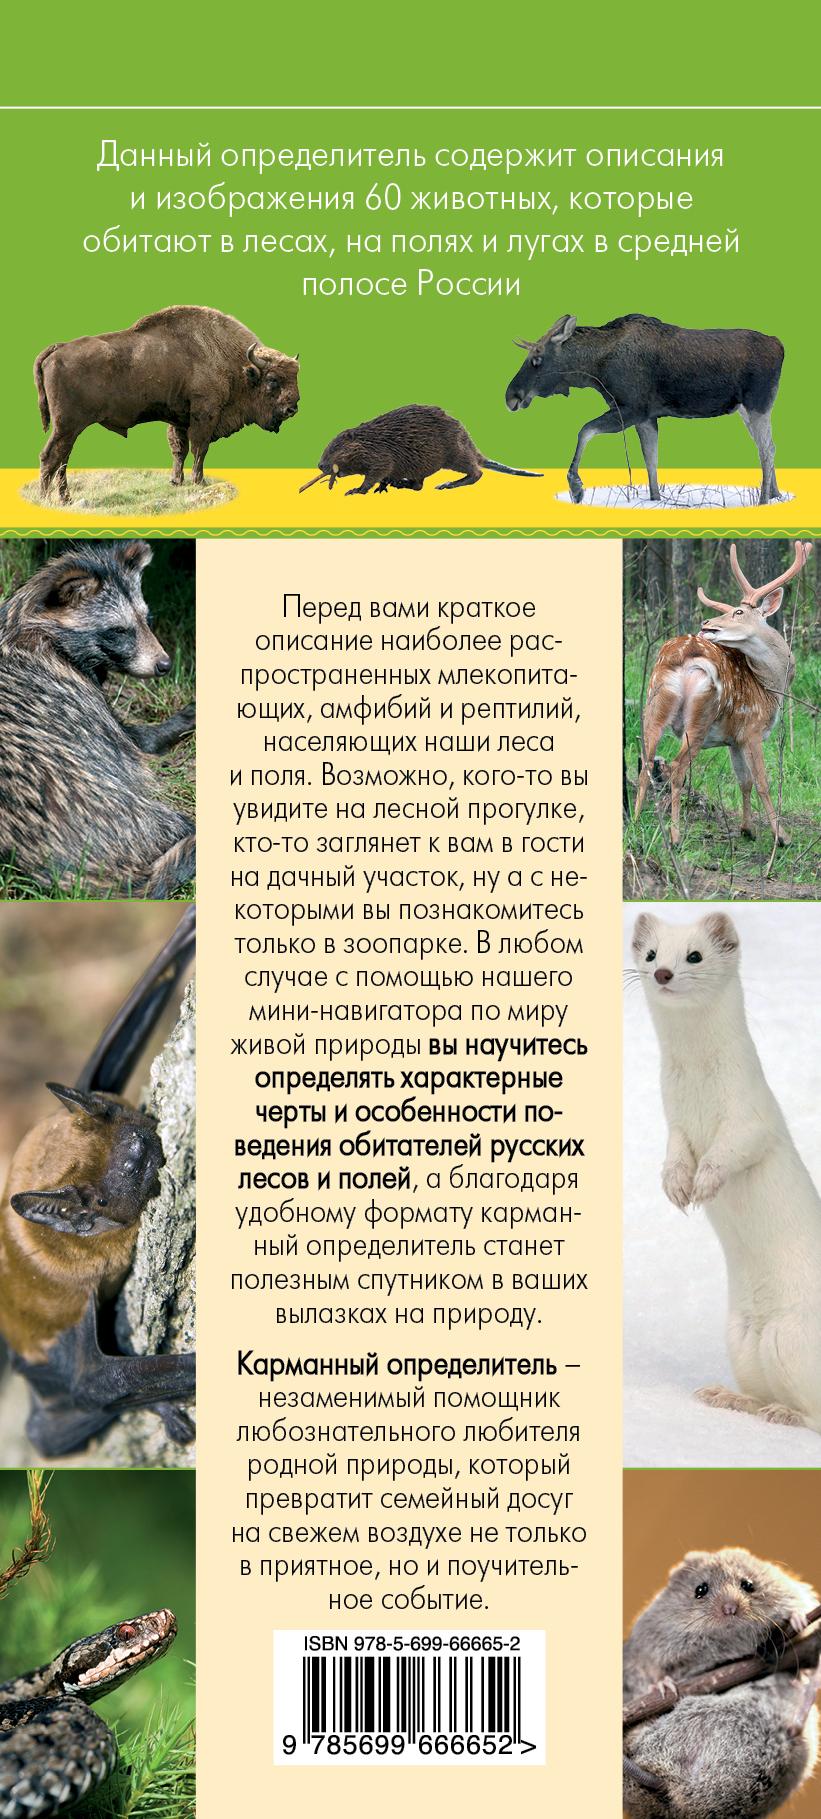 Животные. Определитель животных русских лесов и полей